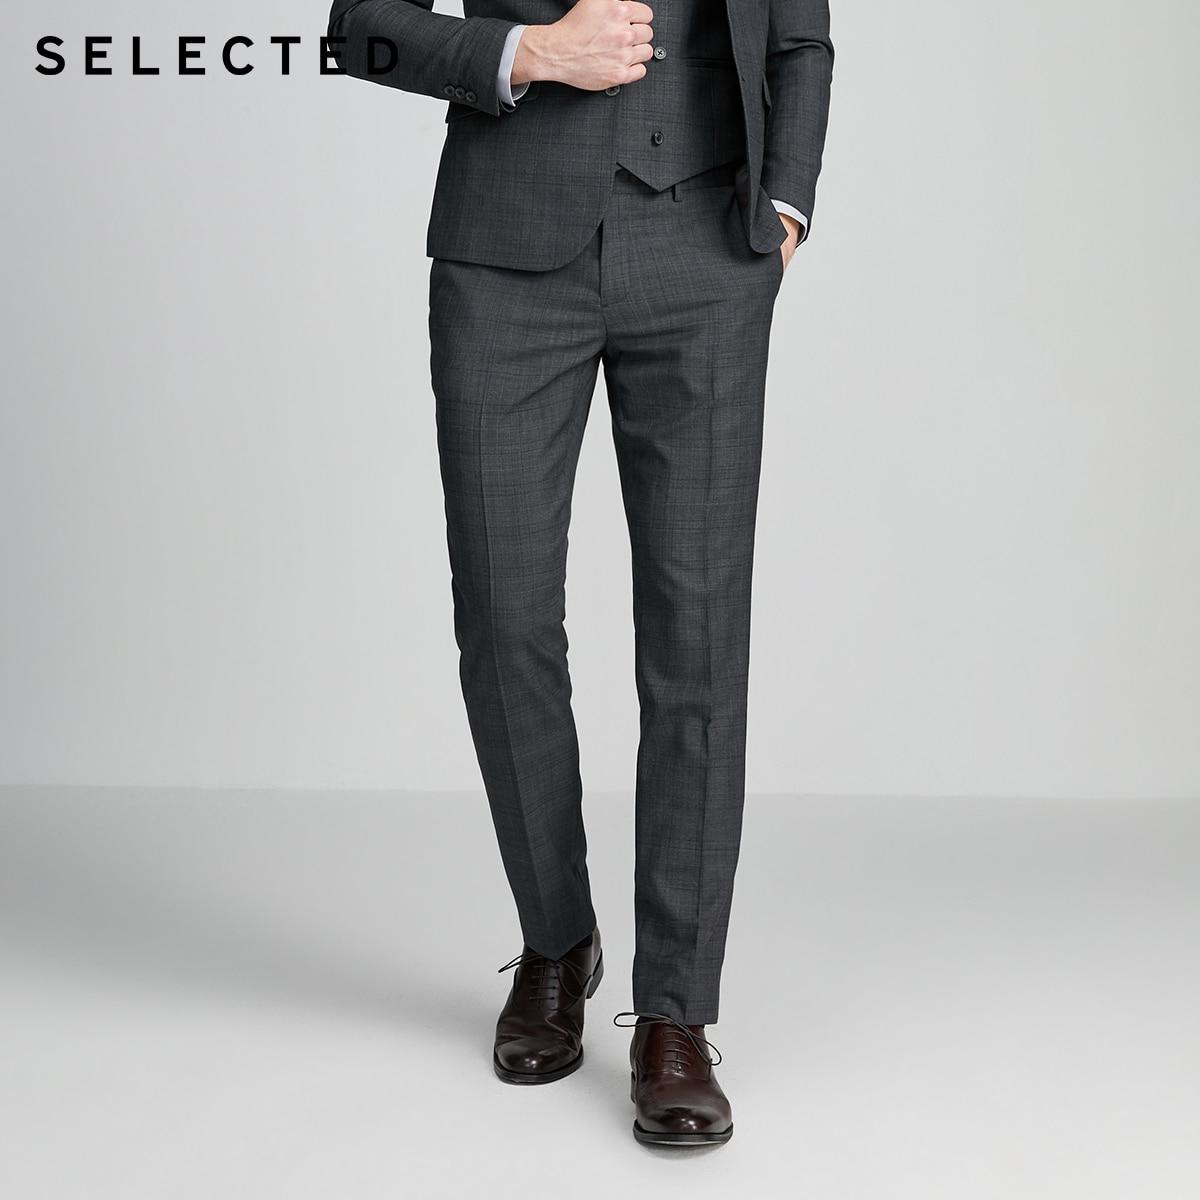 SELECTED Men's Slim Fit Woolen Plaid Business Suit Pants SIG|42016B504